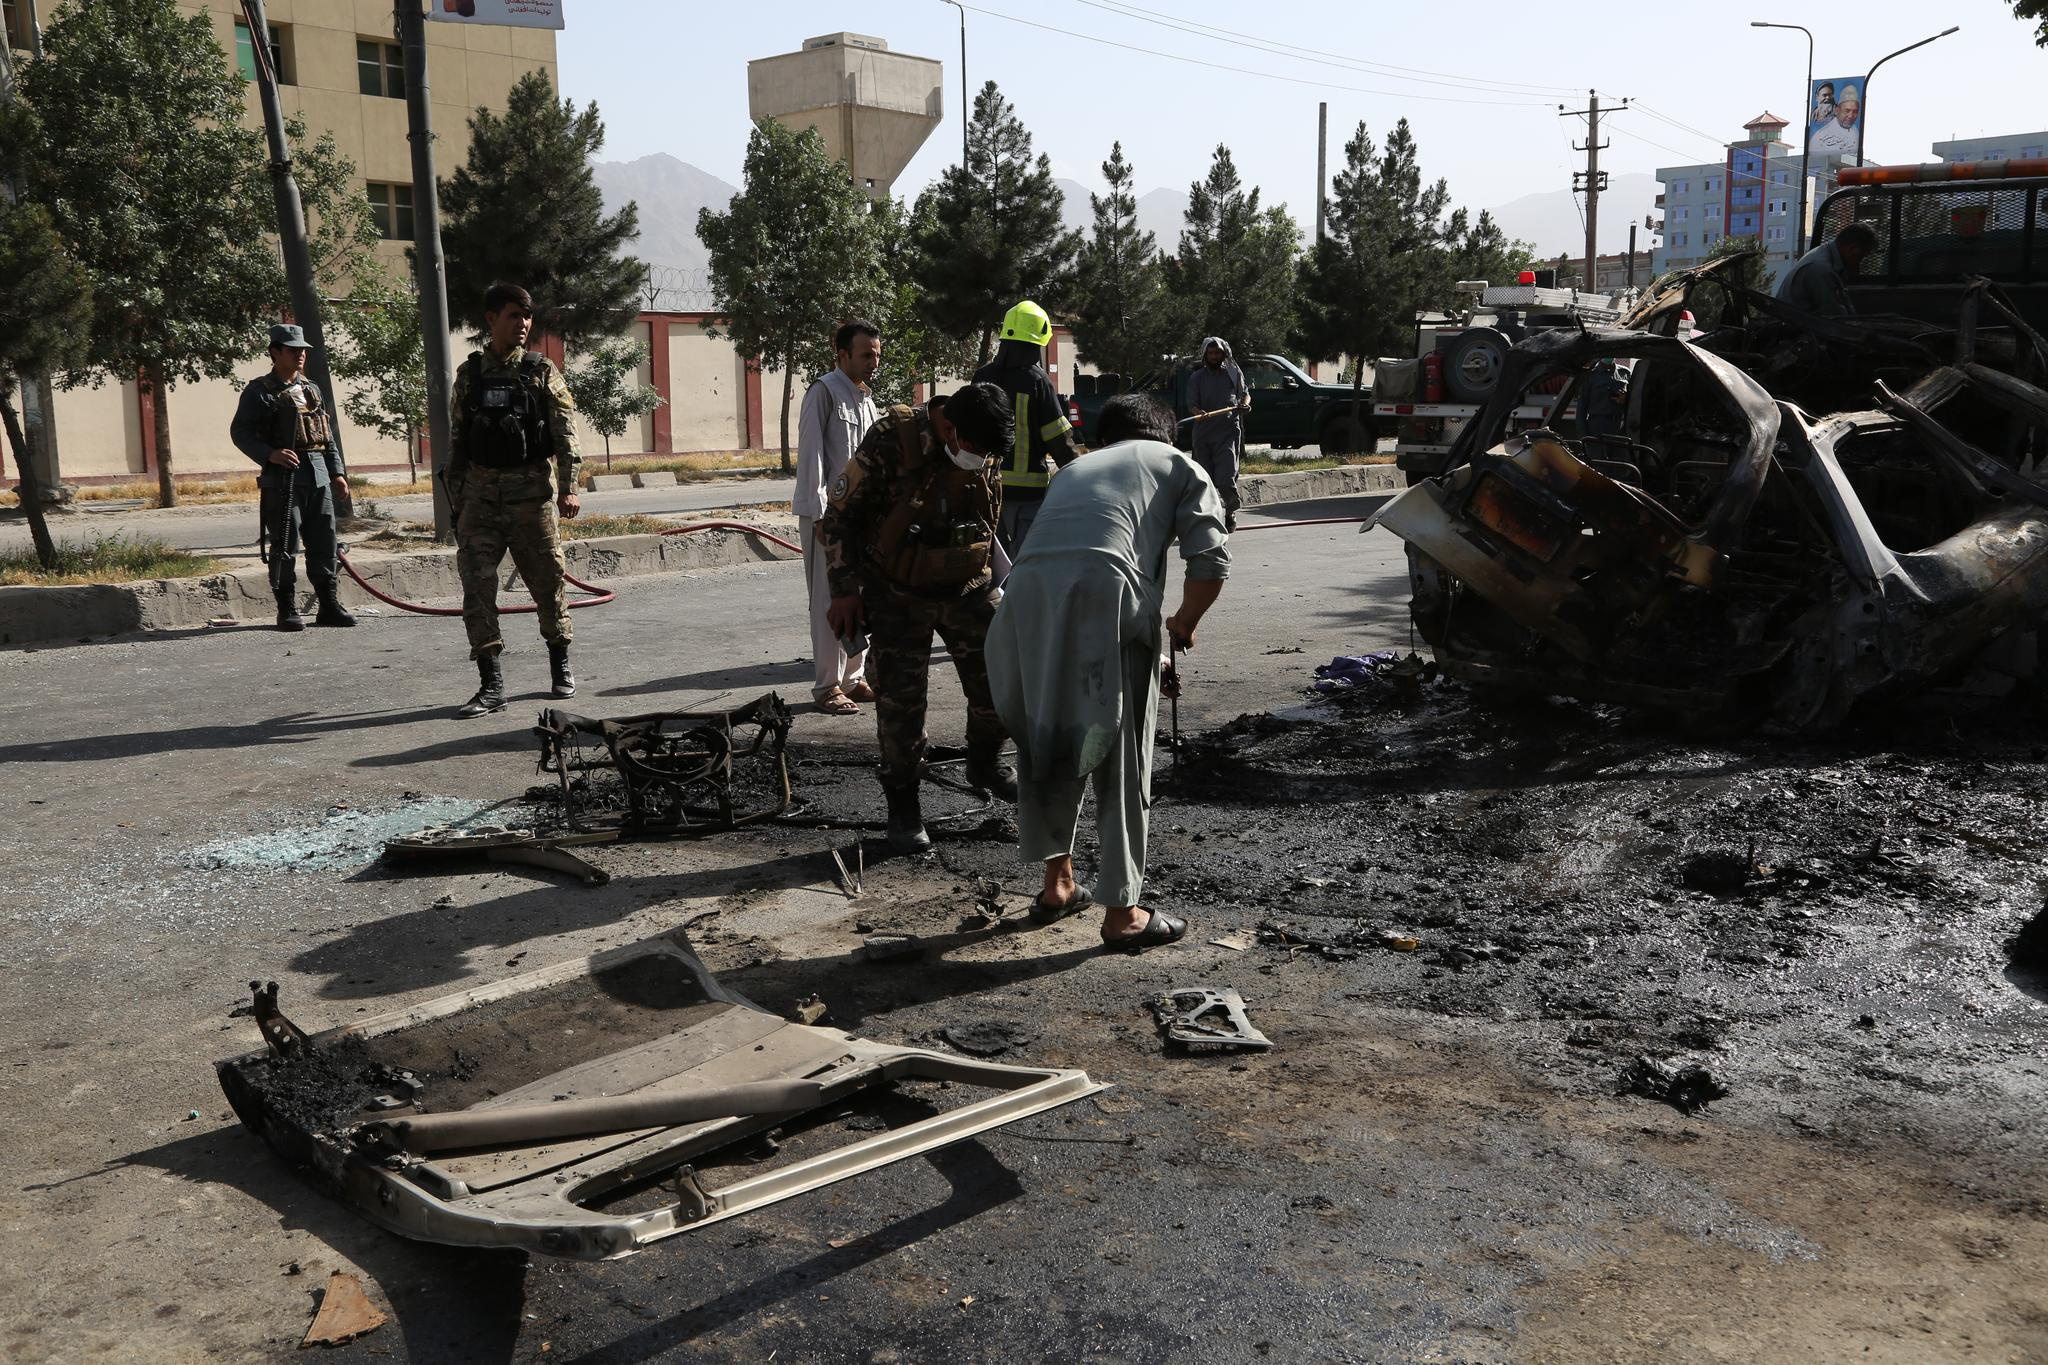 阿富汗首都发生爆炸袭击事件造成7人死亡